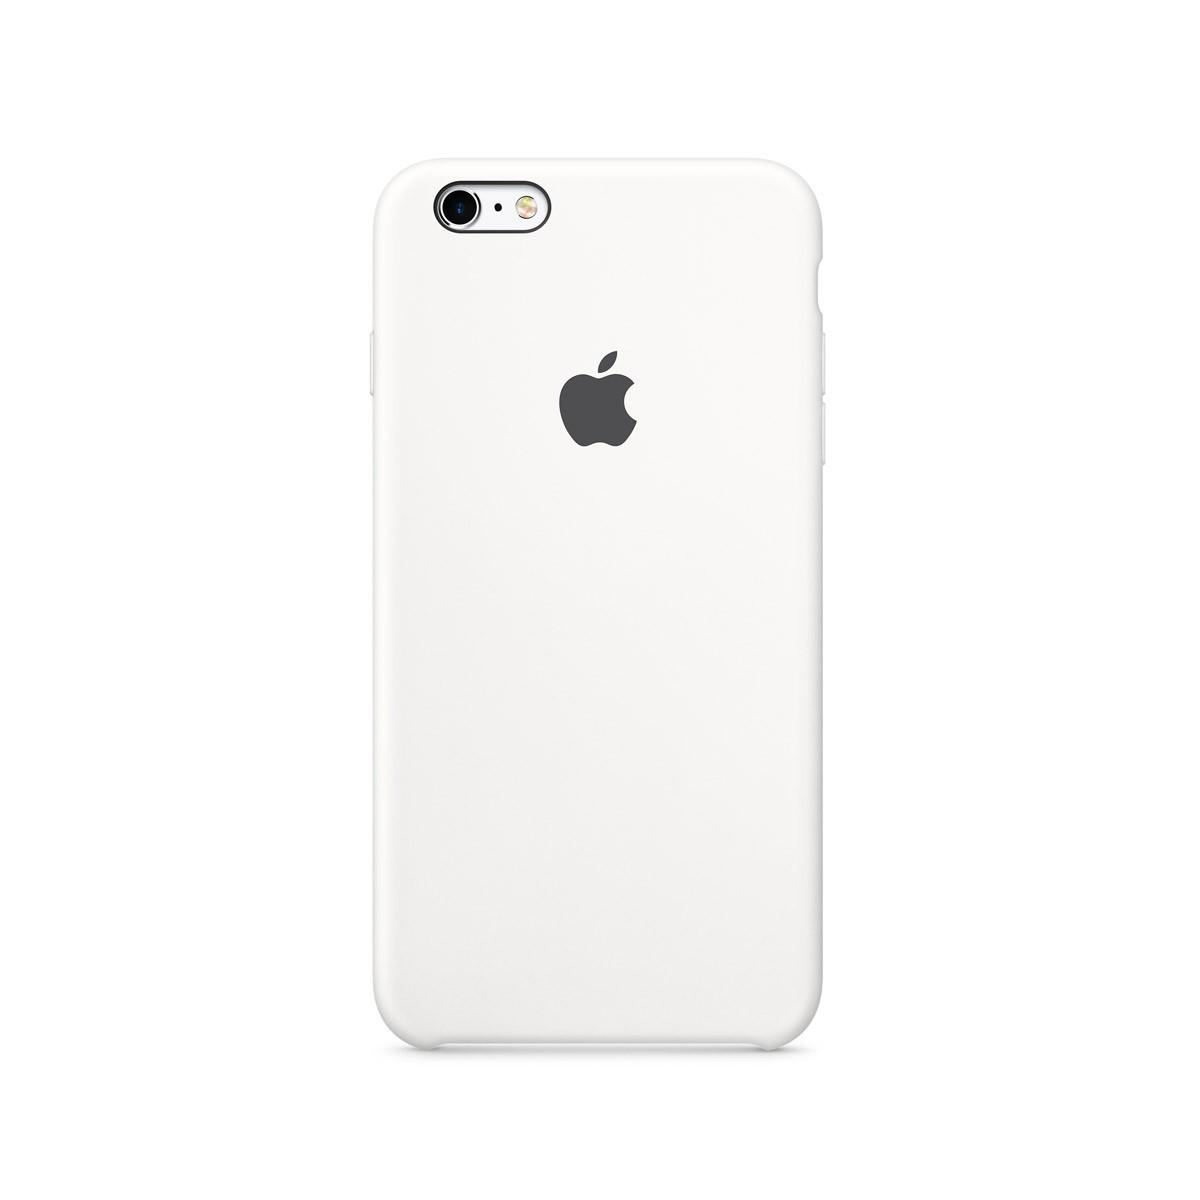 Apple silikonový kryt na iPhone 6s - bílý